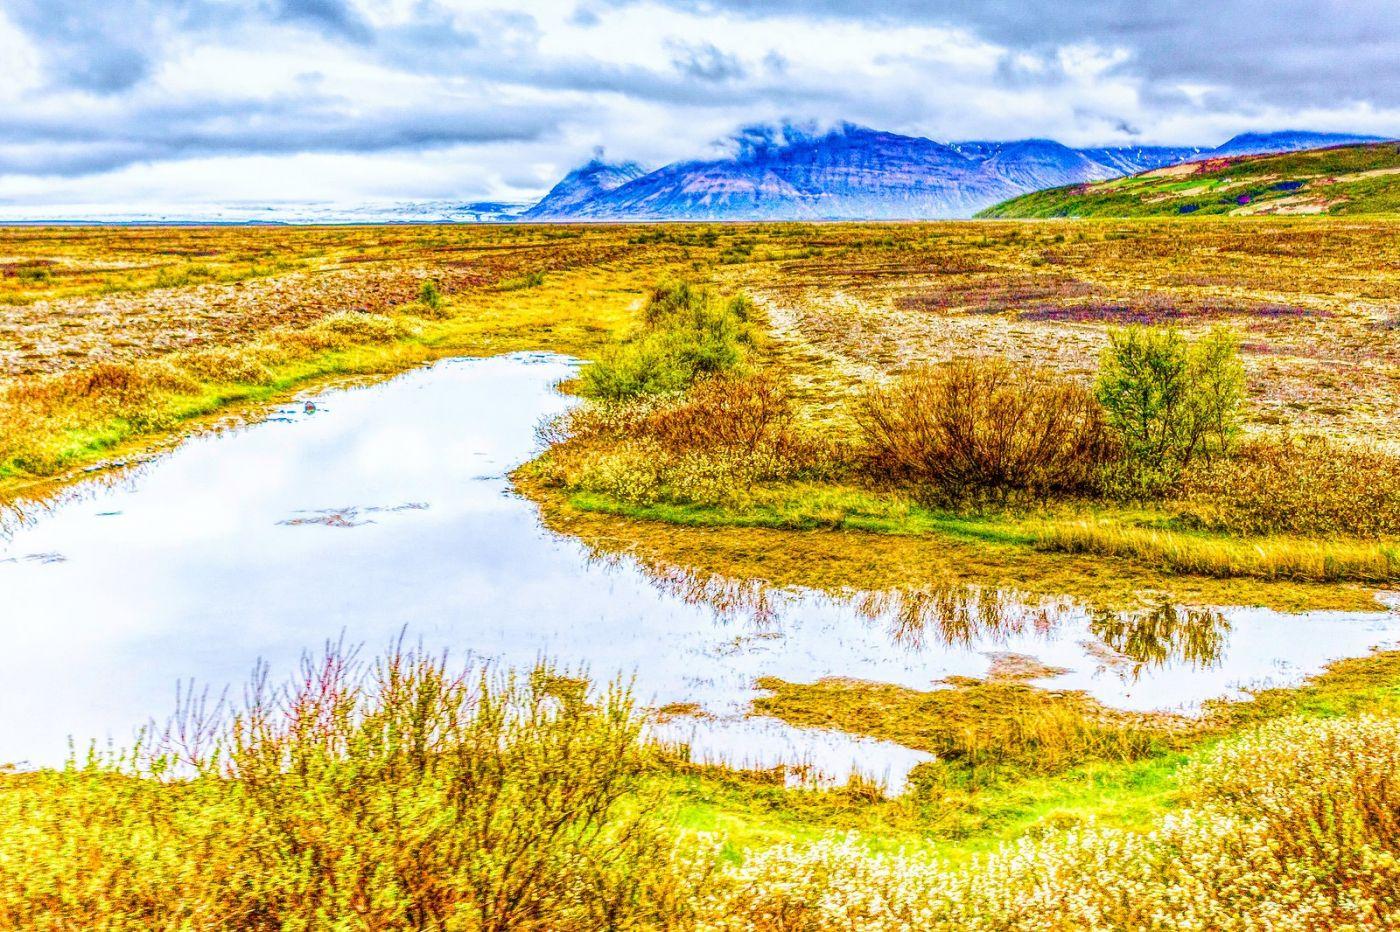 冰岛风采,延伸视野_图1-24